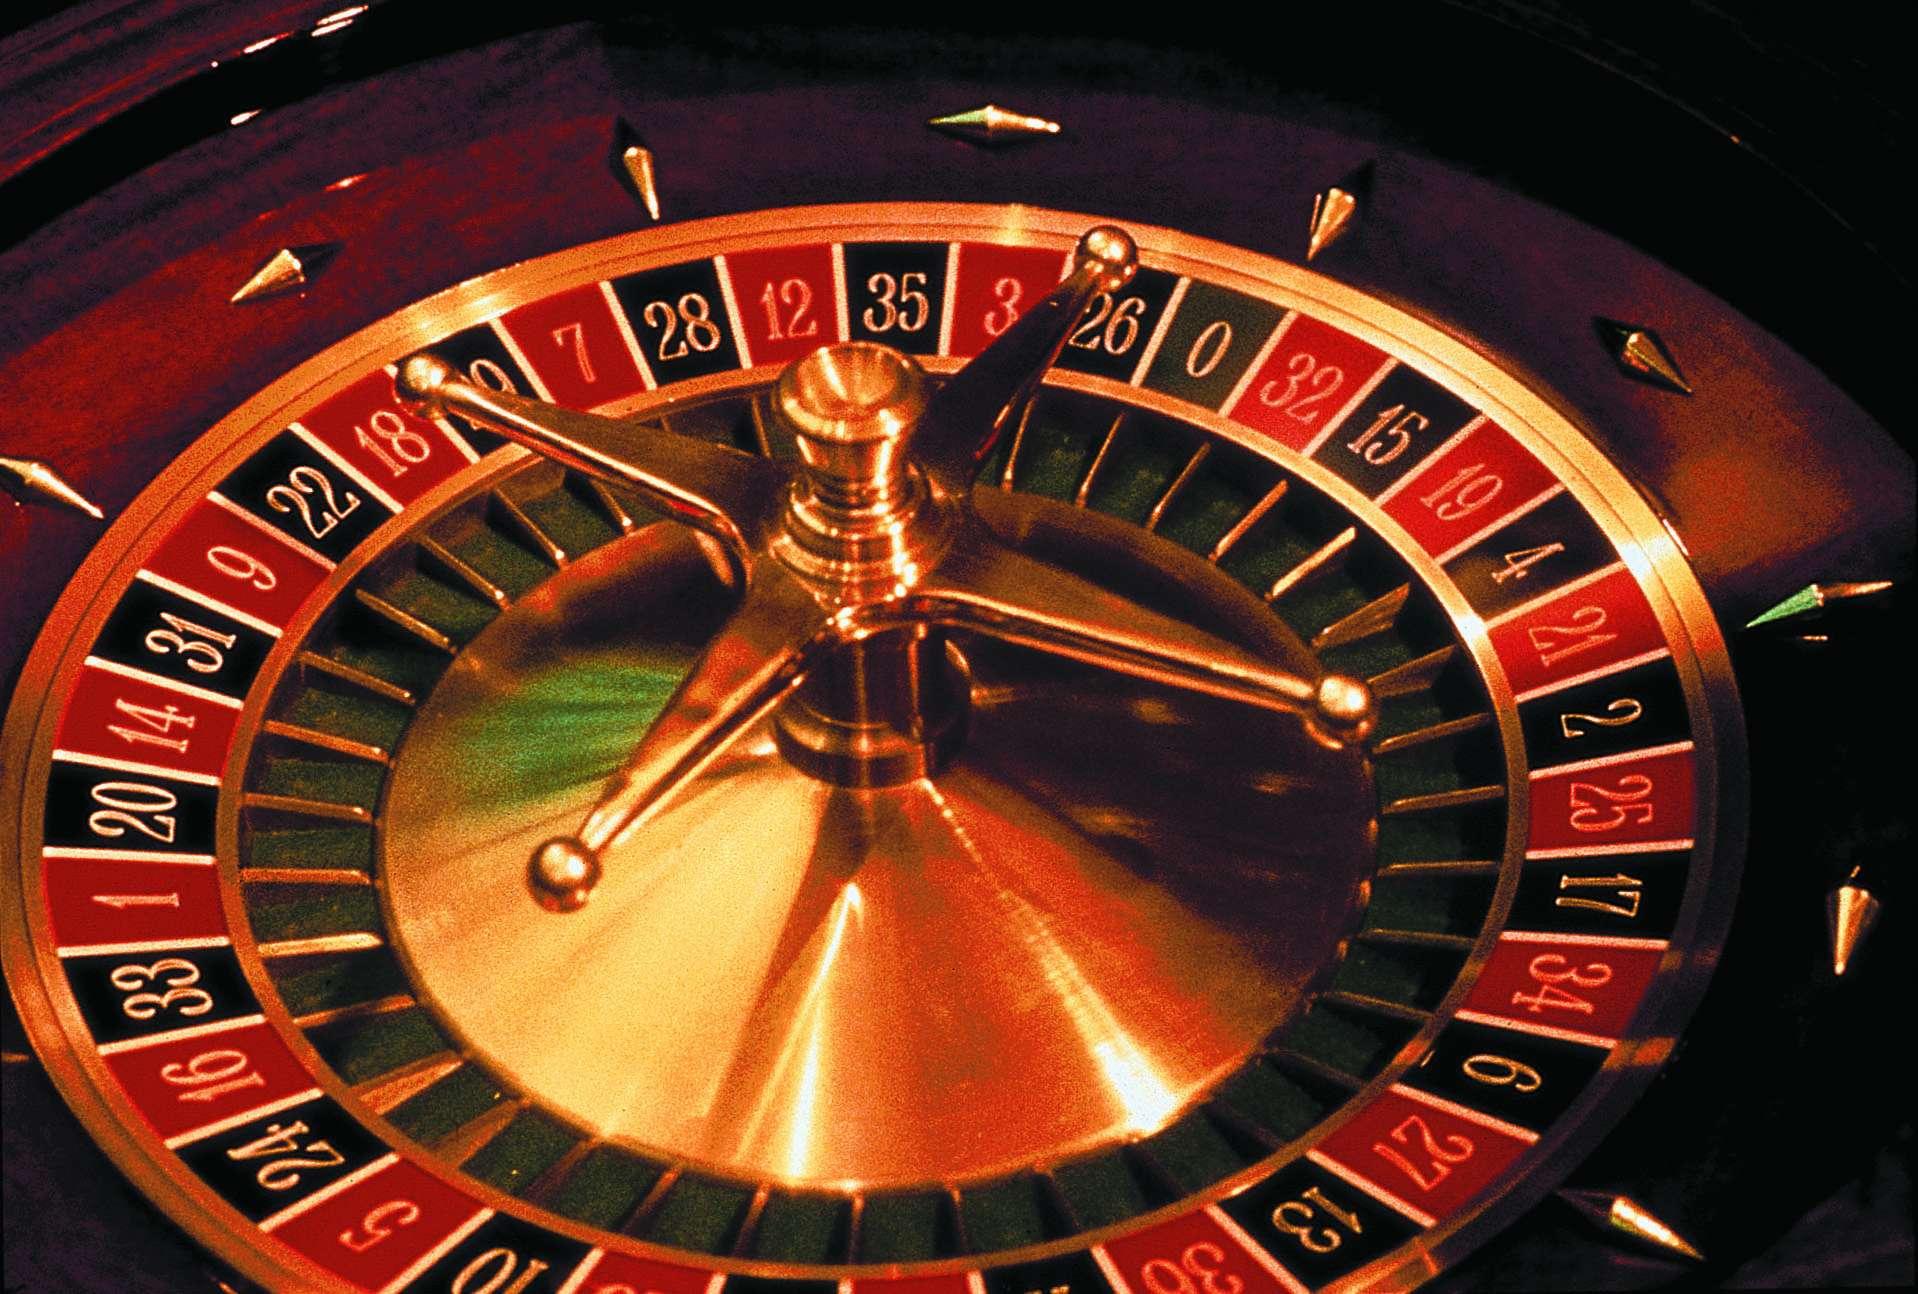 Jeux casino : adopter un comportement raisonnable